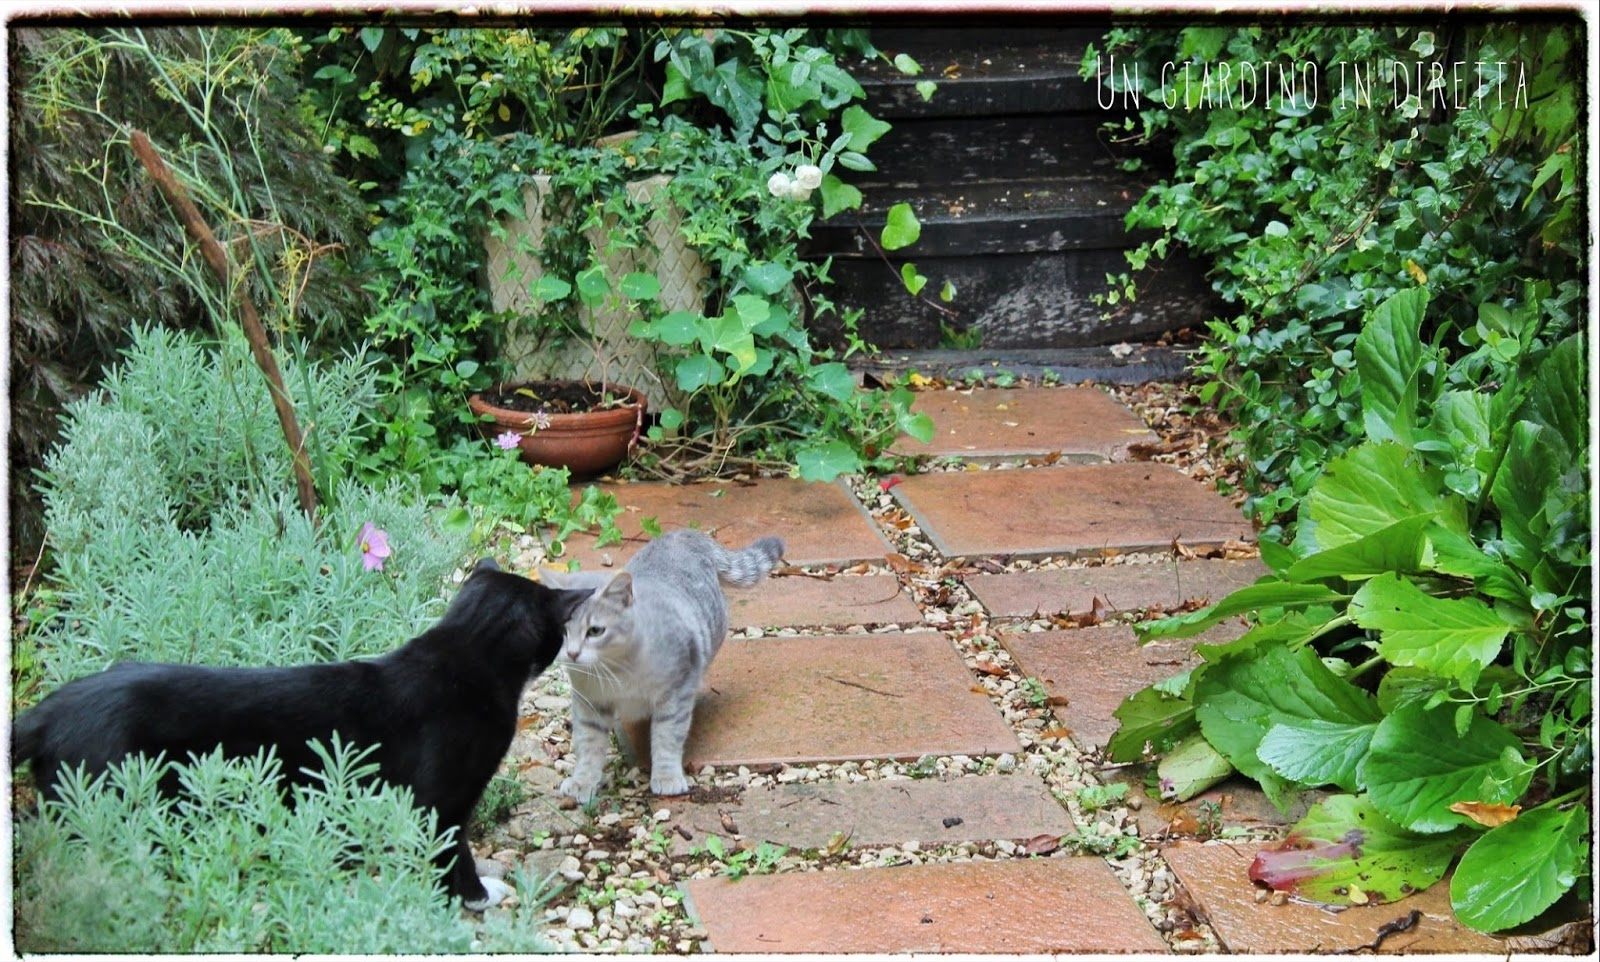 Lavori in giardino con gatti un giardino in diretta - Lavori in giardino ...